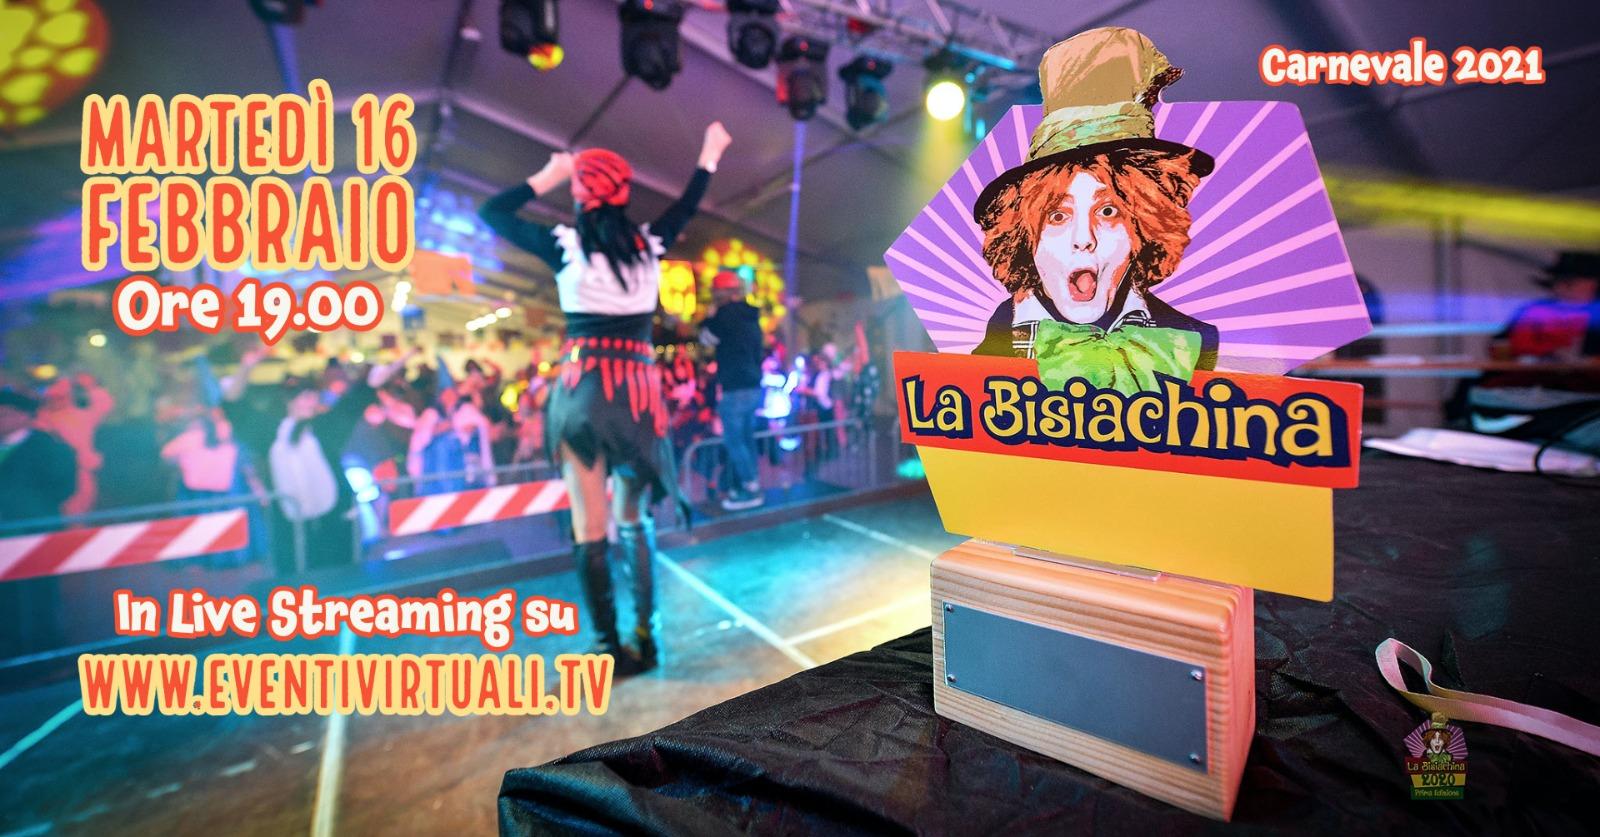 Immagine per Anche Turriaco sostiene la 'Bisiachina', appuntamento in live streaming per carnevale